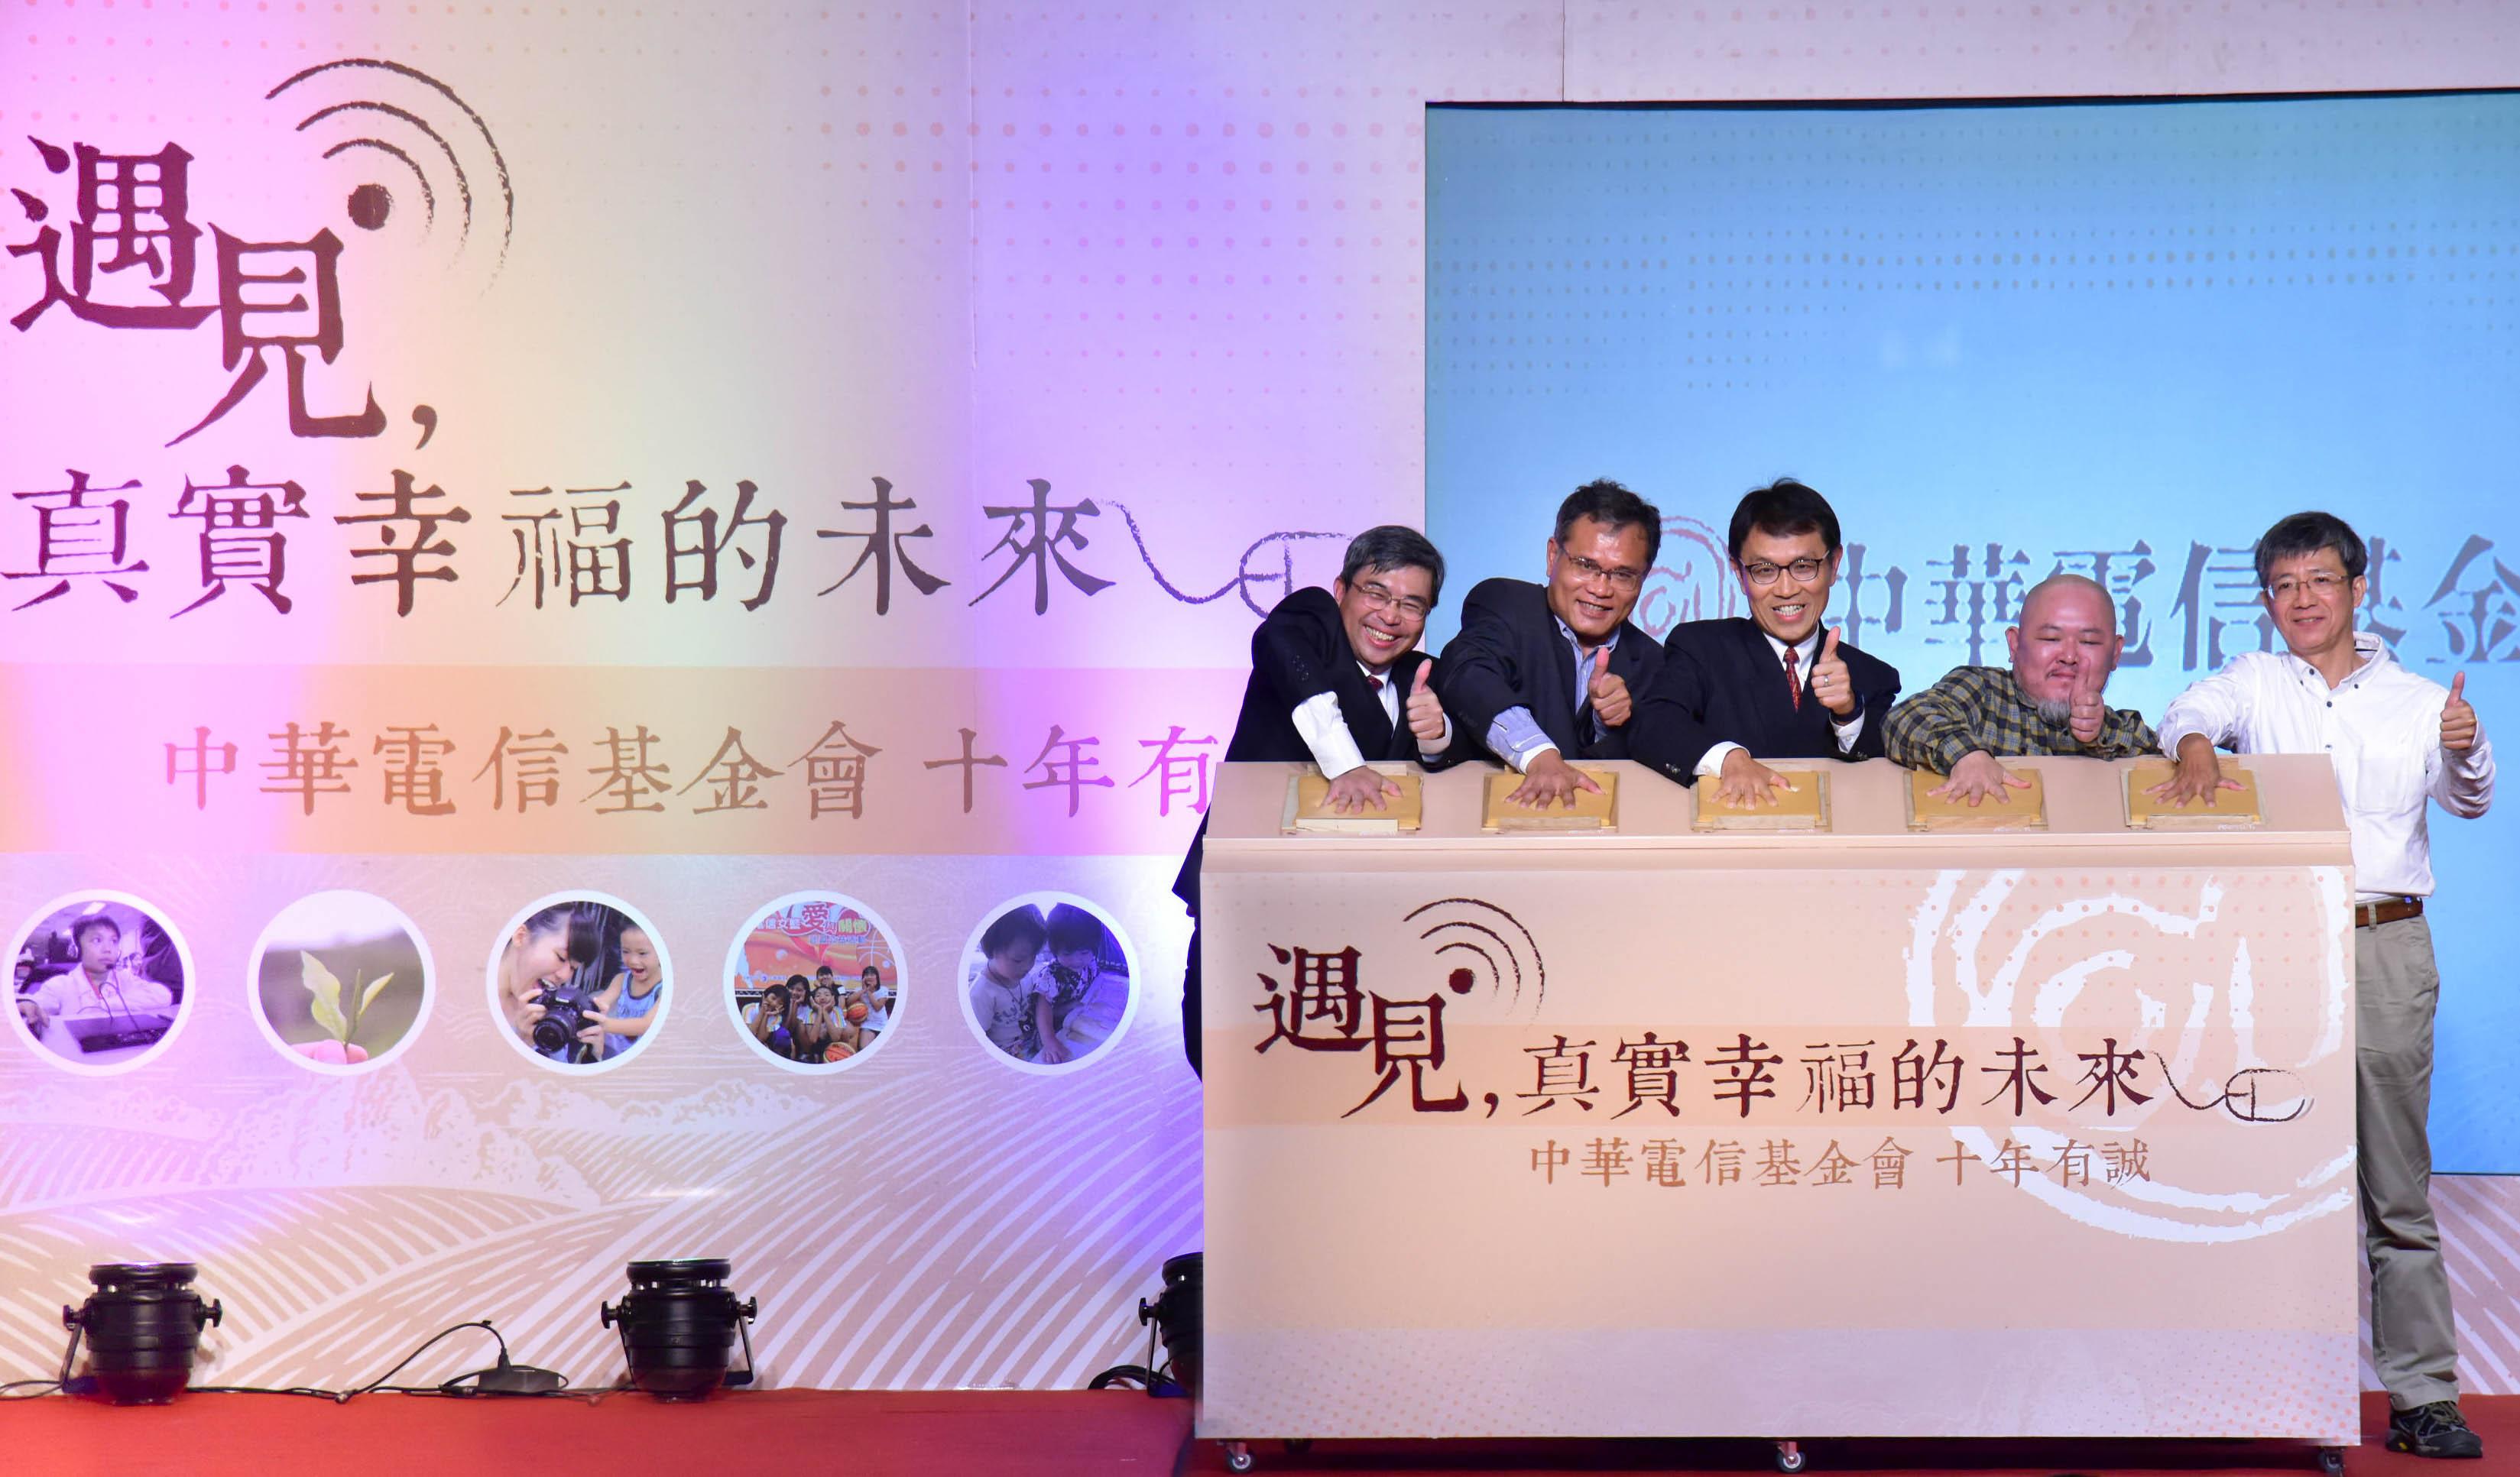 中華電信基金會舉辦十年有誠特映會